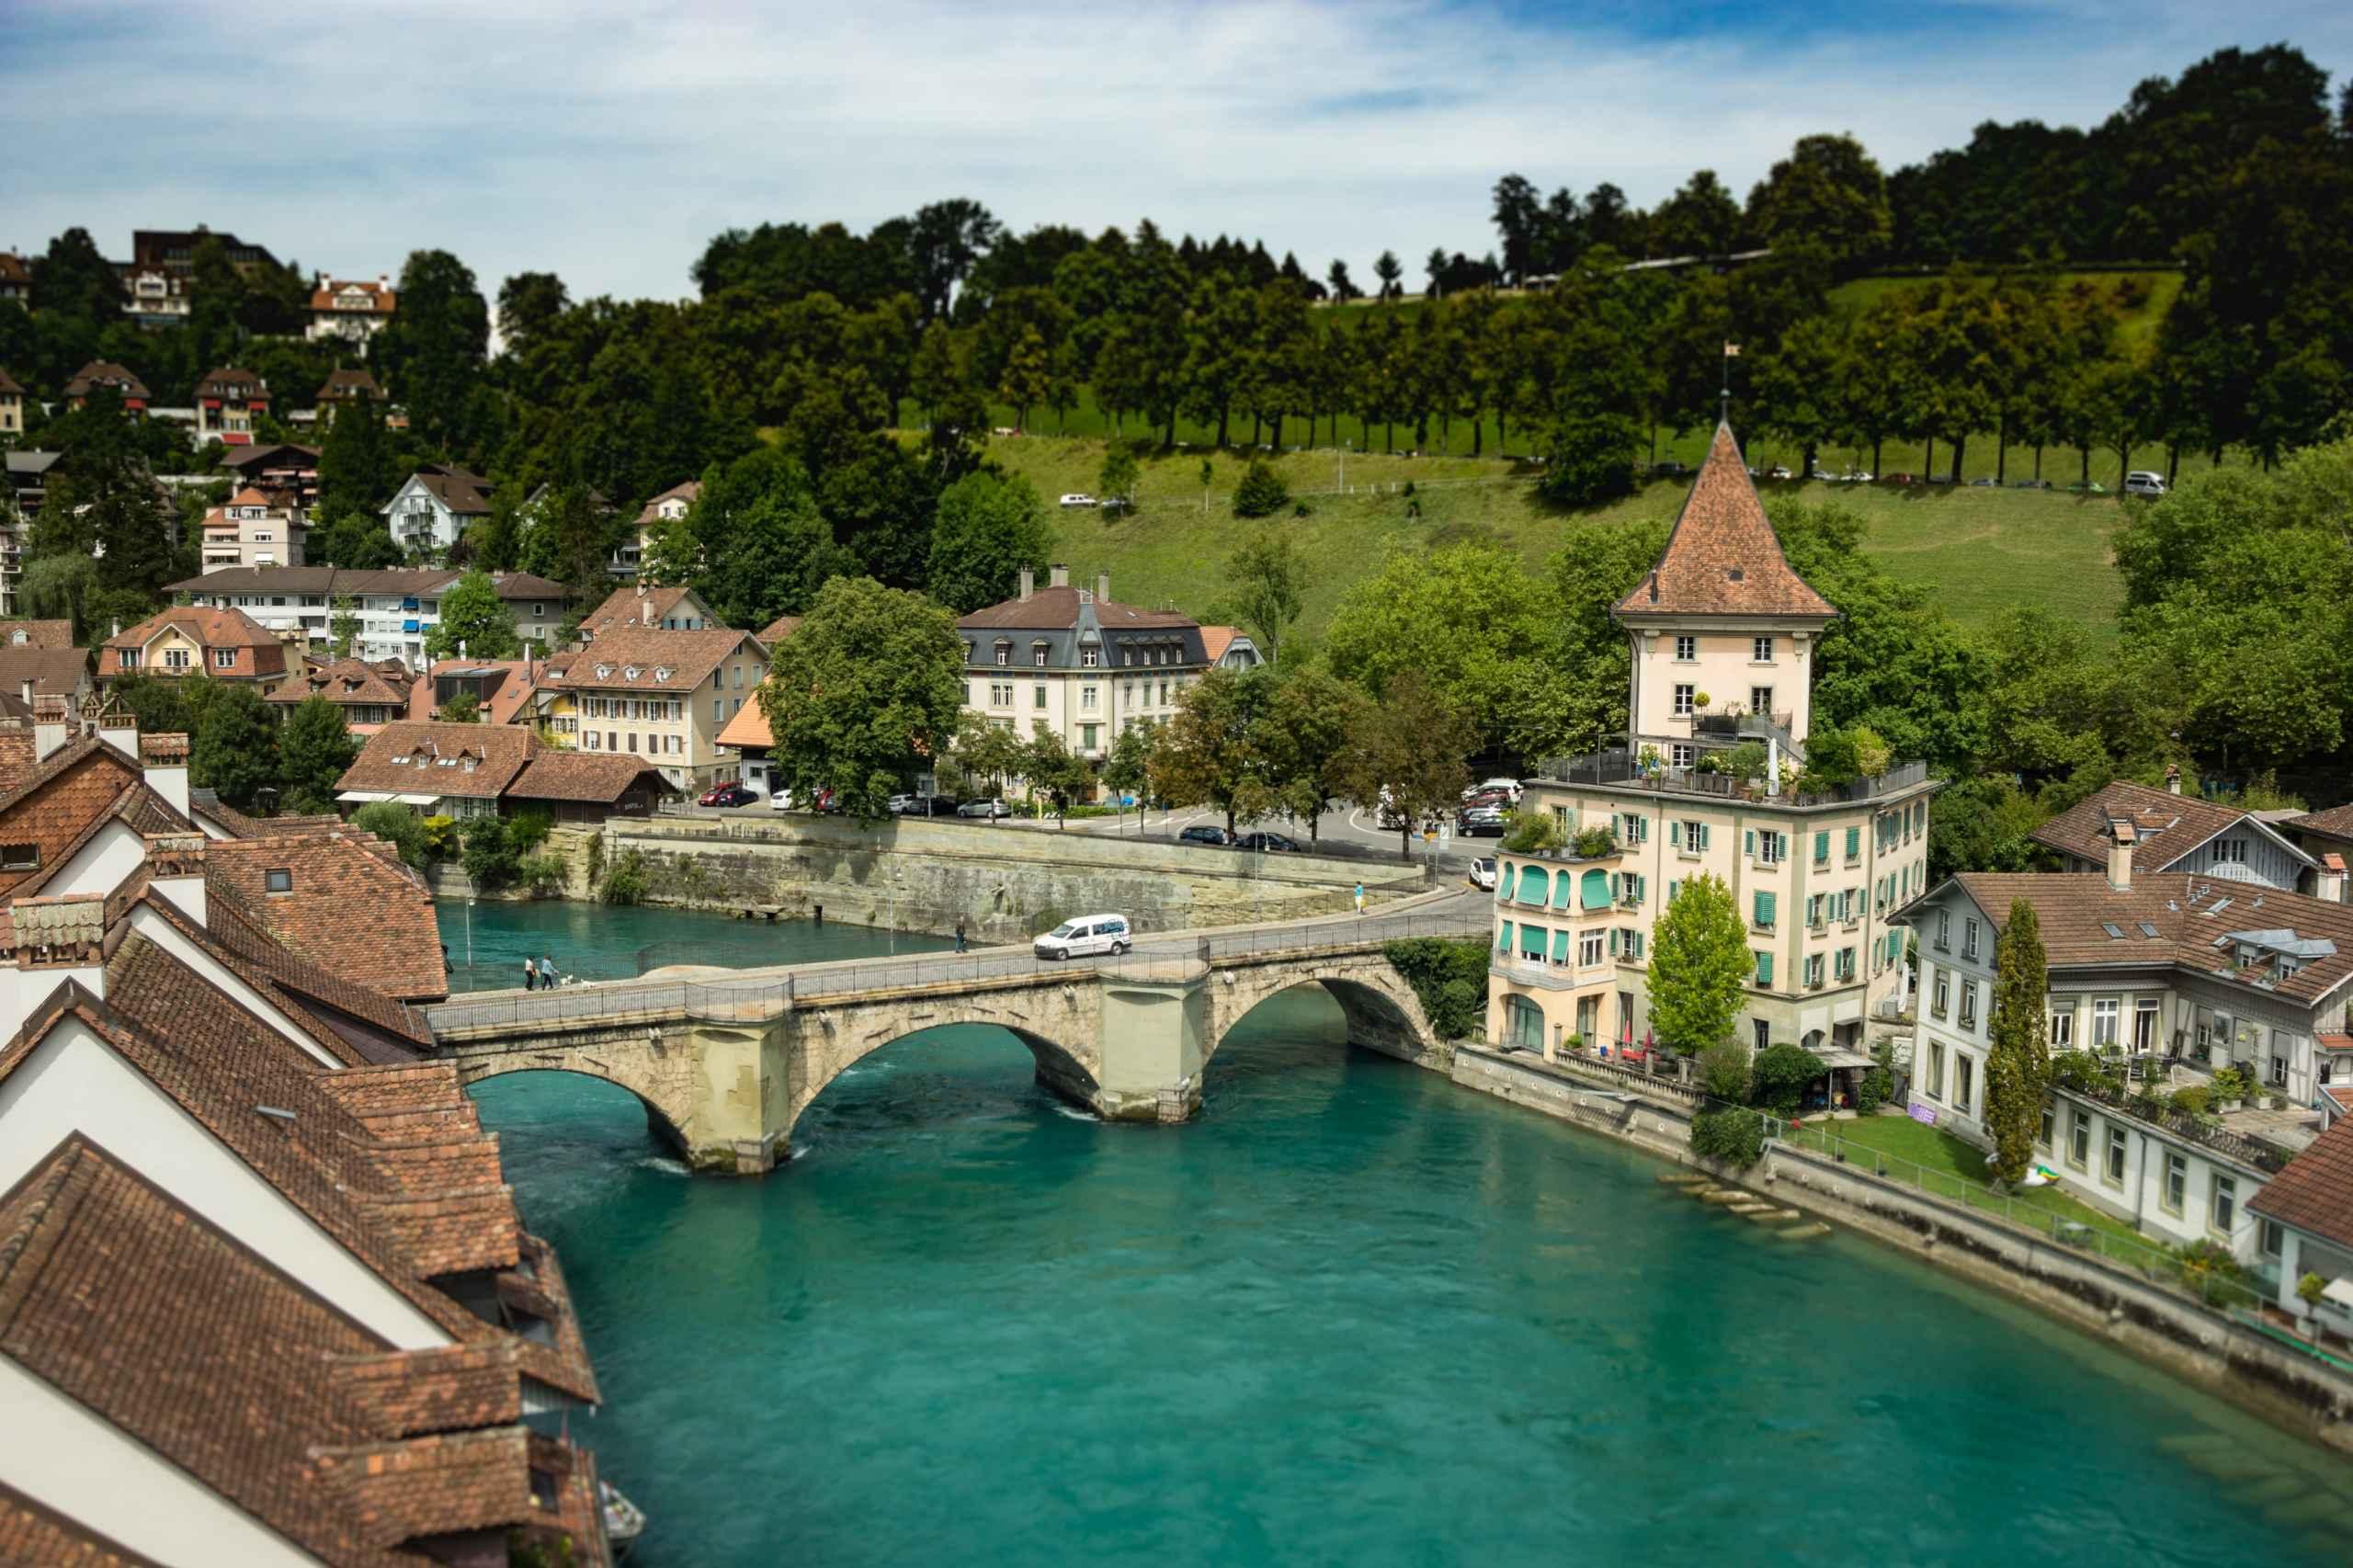 Лечение в Швейцарии и полное обследование организма